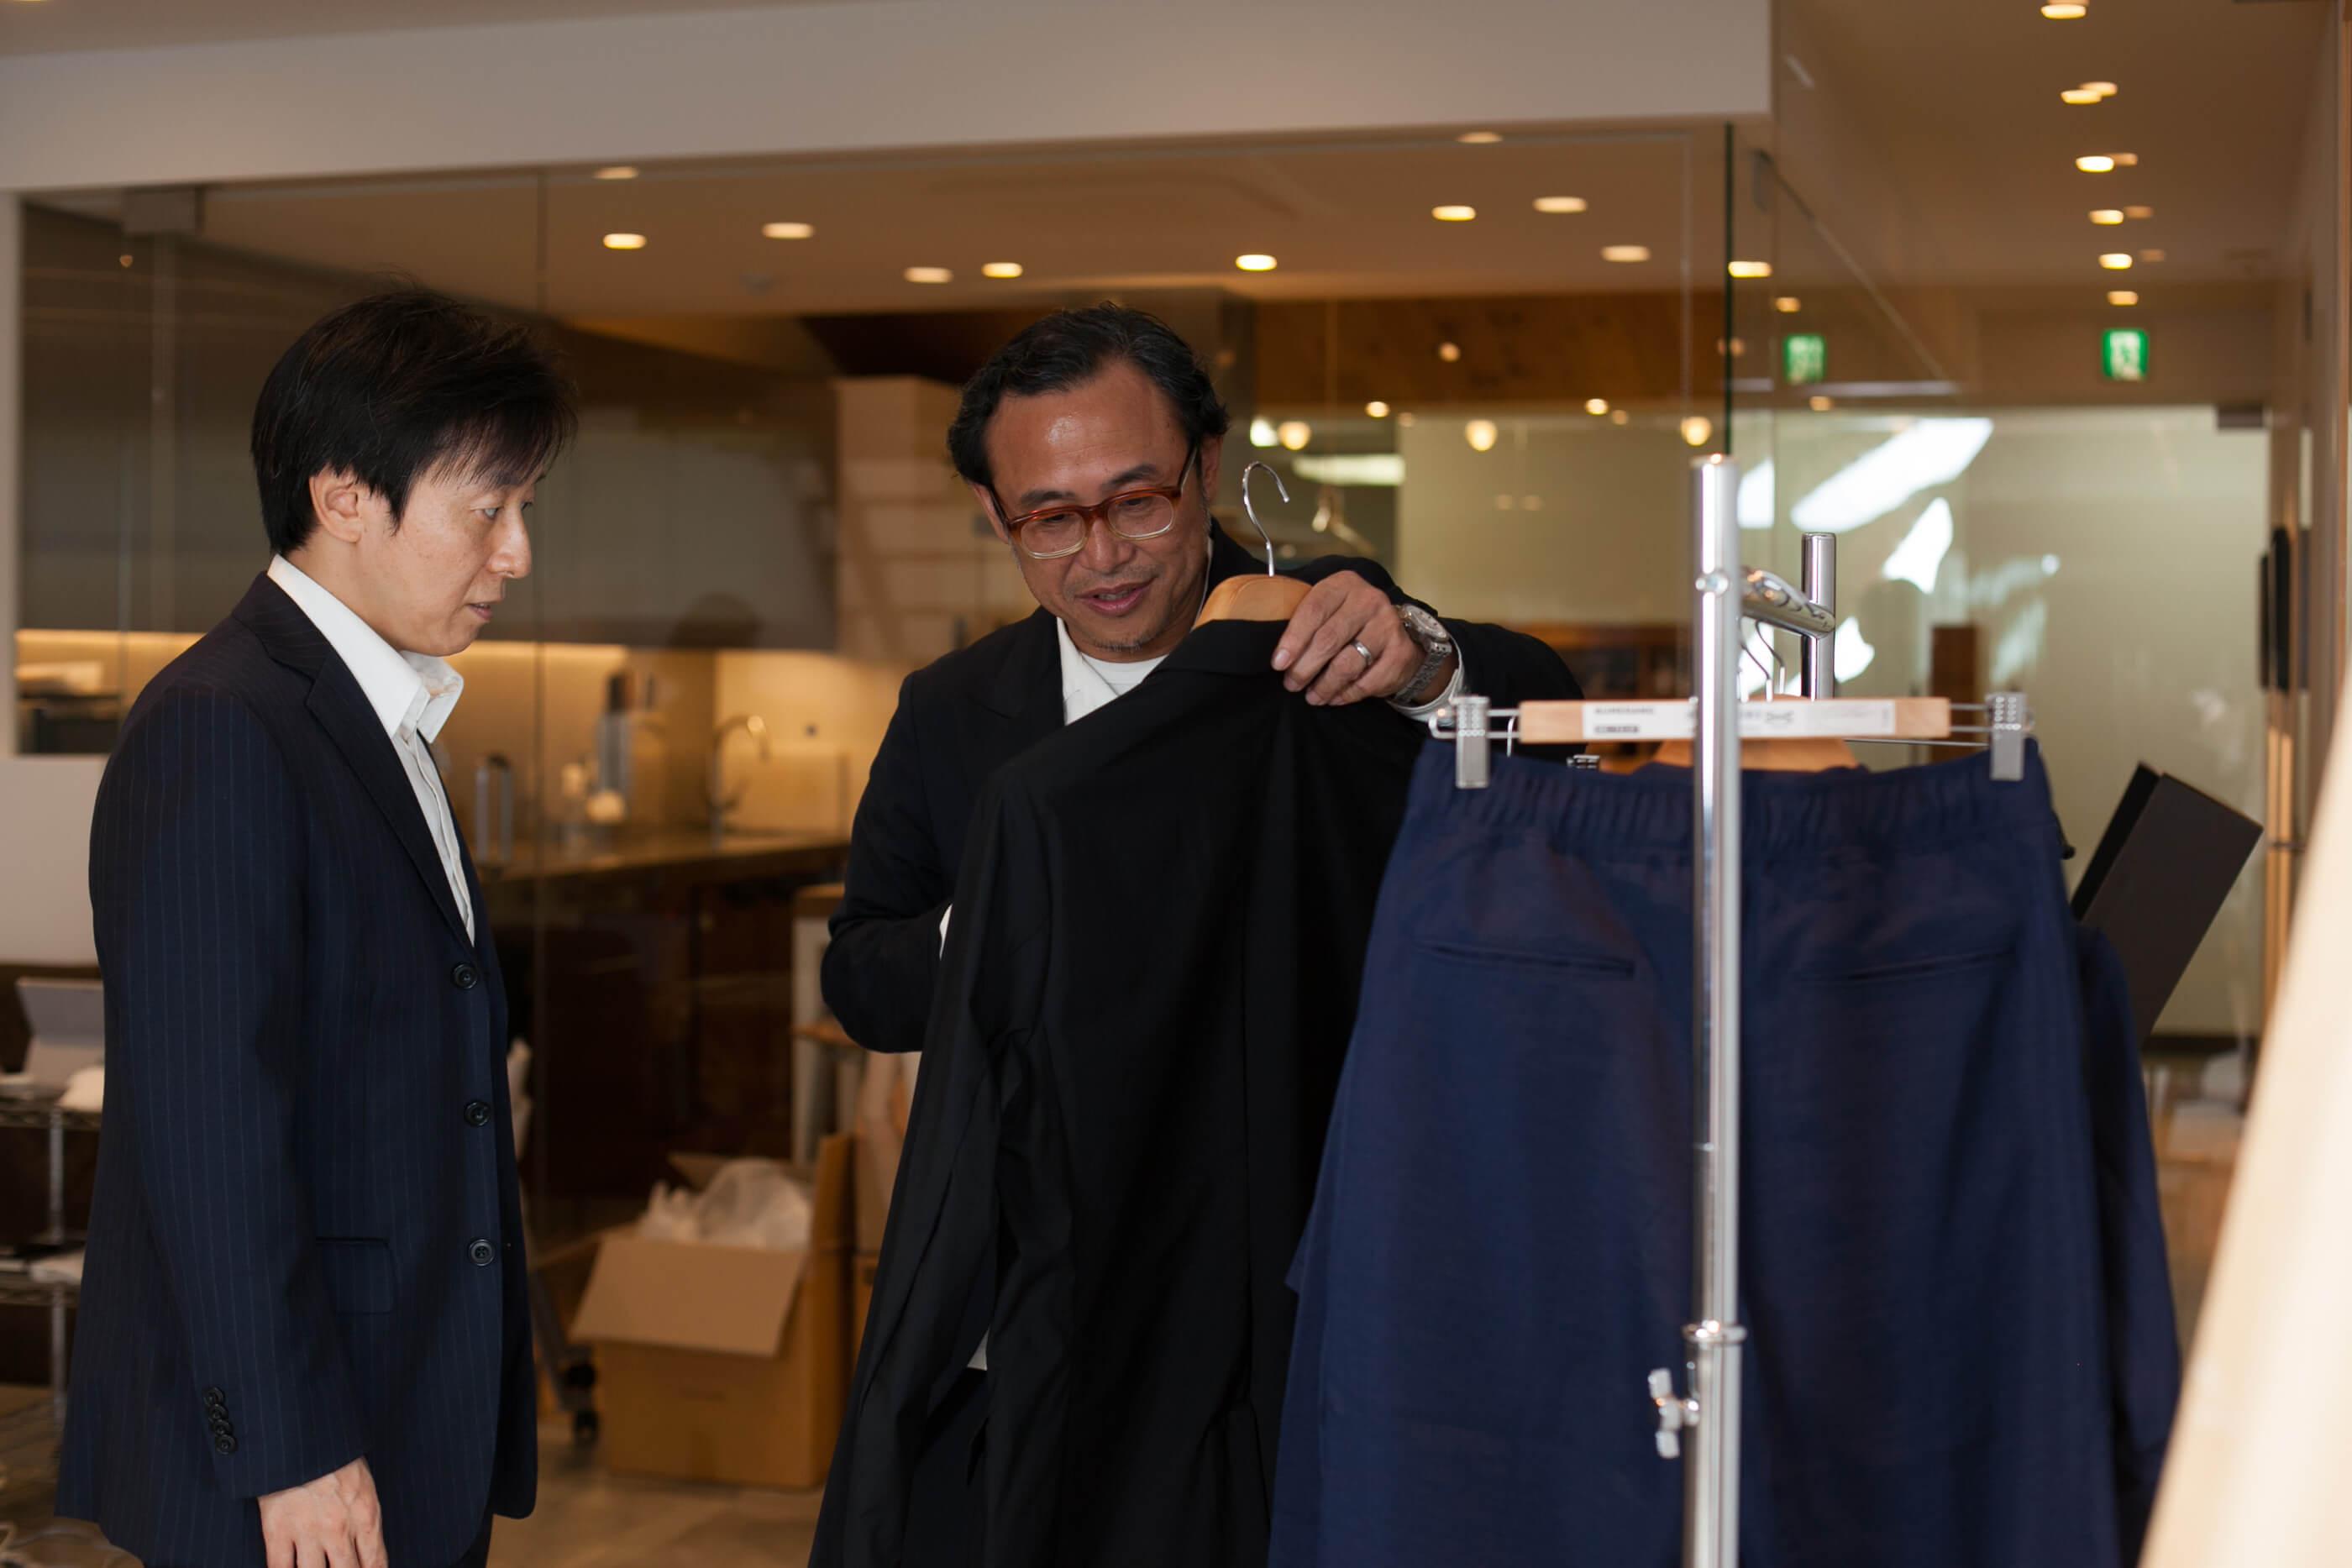 ひとつずつ手に取りながら、どうしてその商品を選んだのか説明していく遠山社長。繰り広げられる専門的なファッションの話に、青野はついていくので必死な様子......。